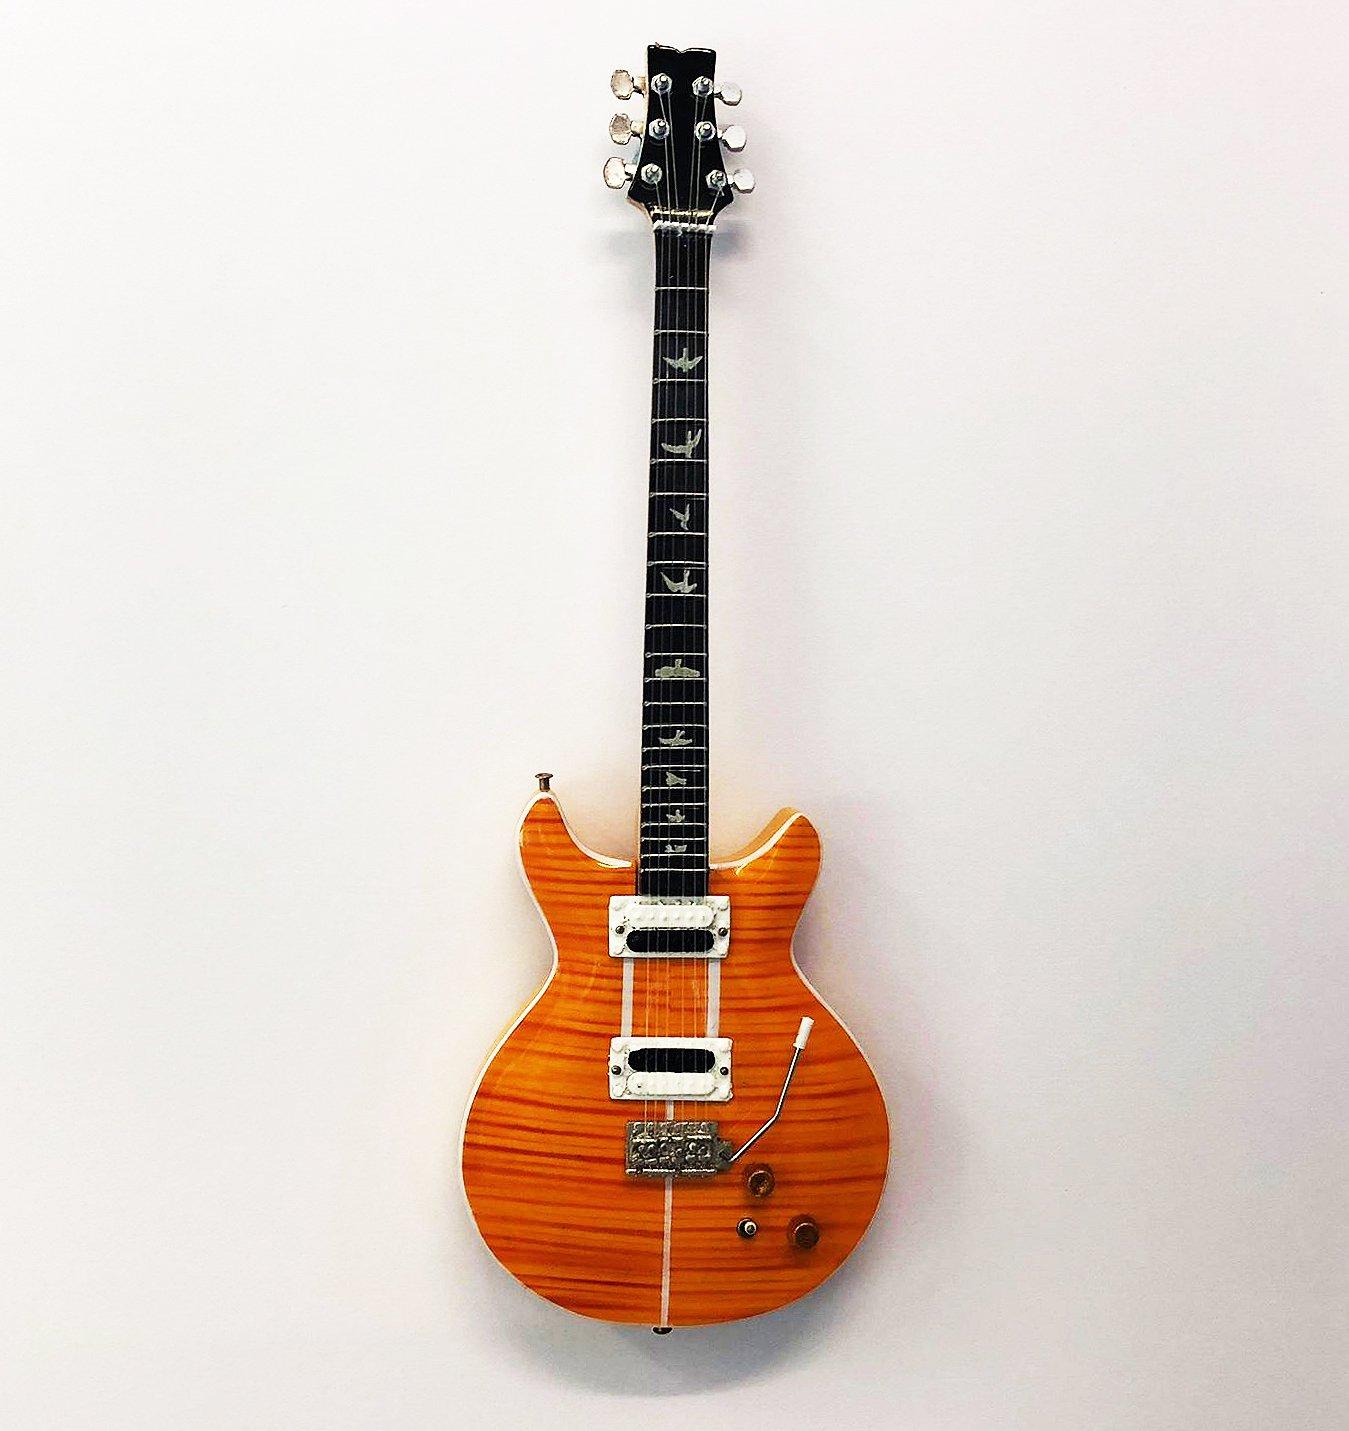 Axman Carlos Santana Guitarra – réplica de madera miniatura y ...